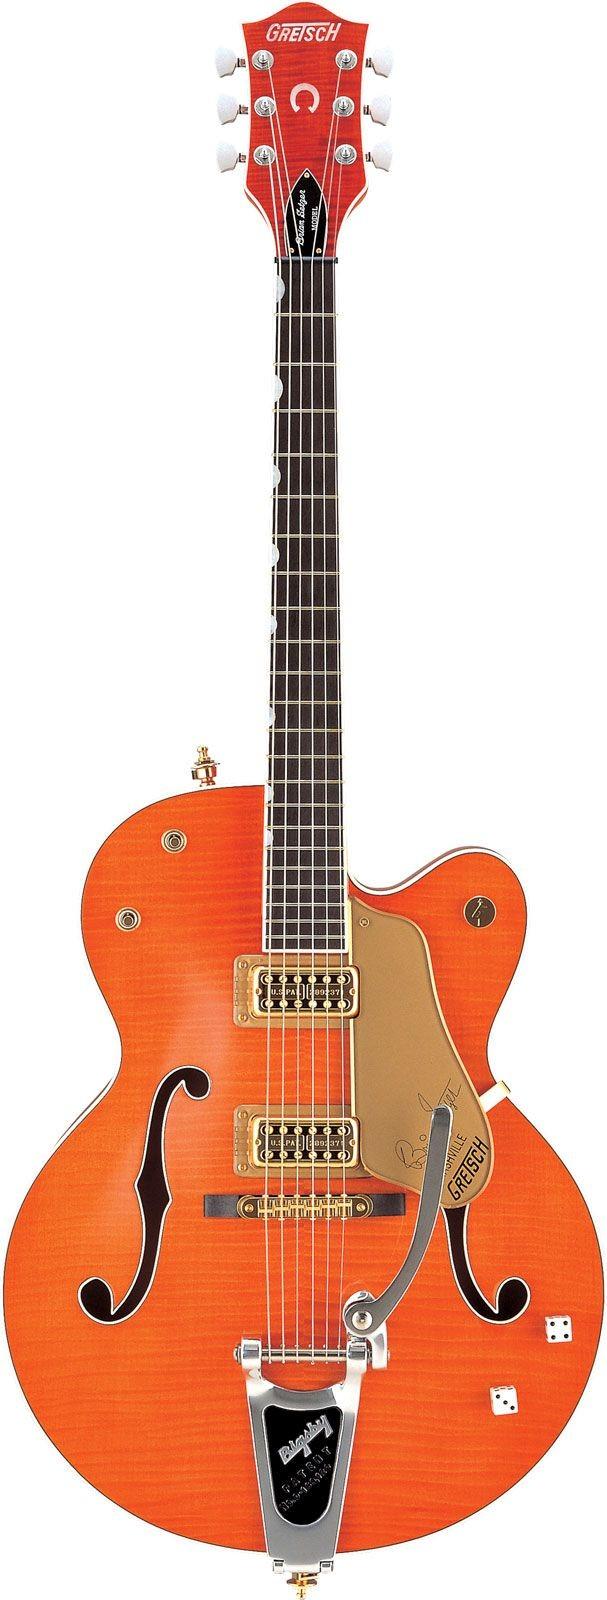 Gretsch G6120 SSU Brian Setzer Orange Tiger Flame